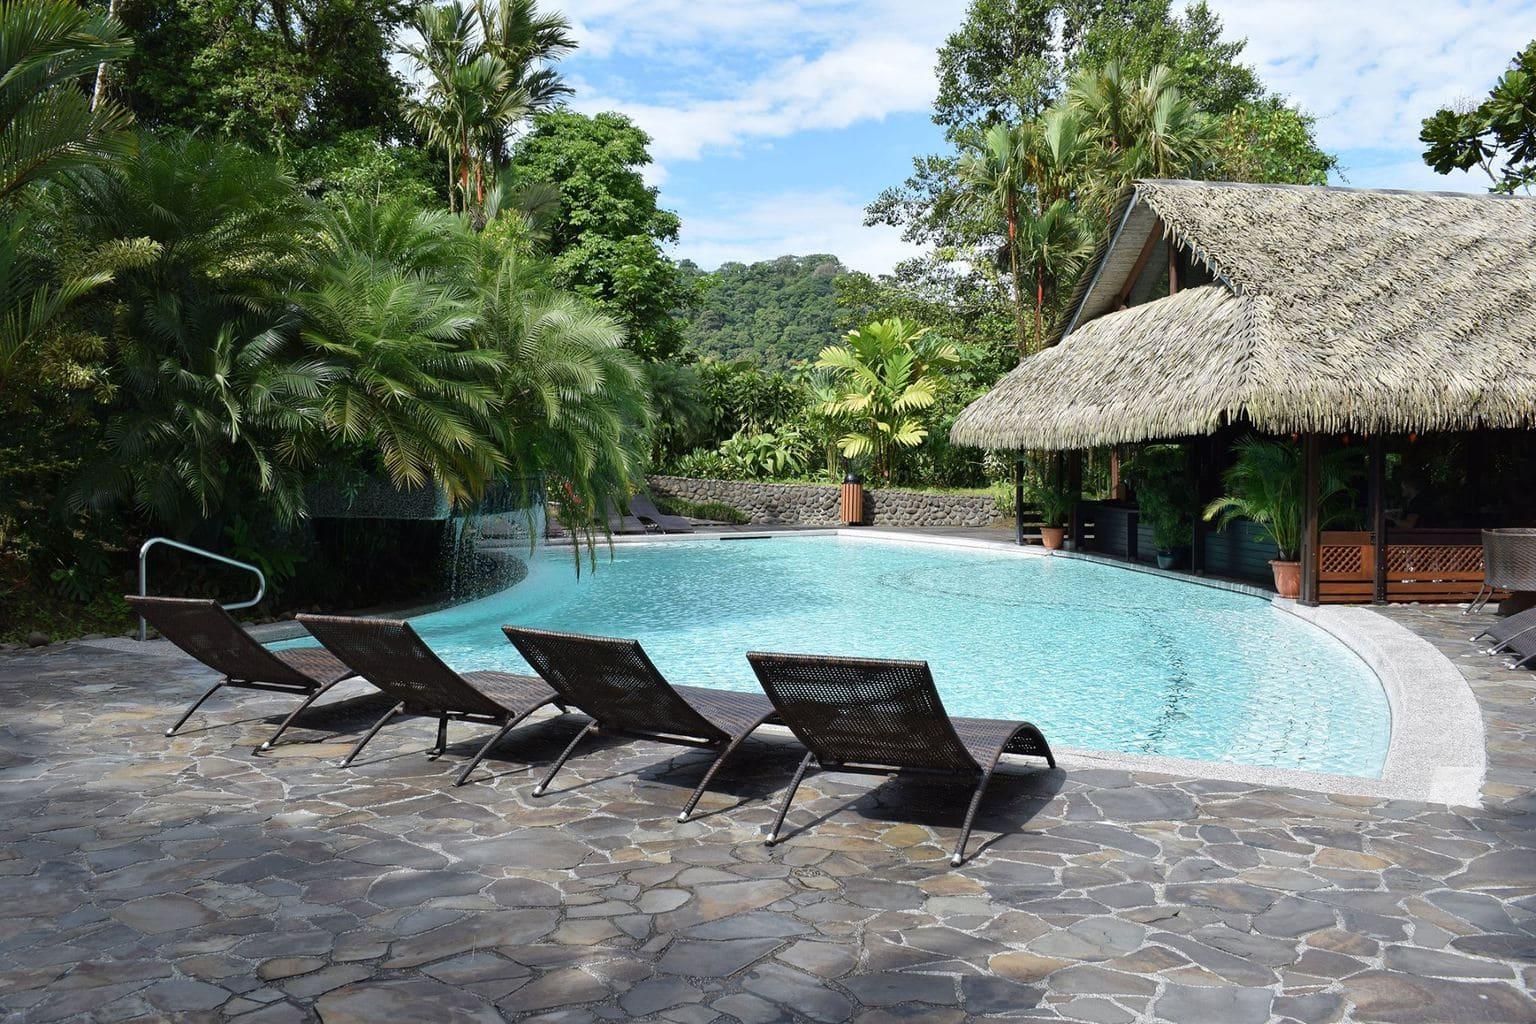 Costa-Rica-Hotel20Tabacc3b3n203